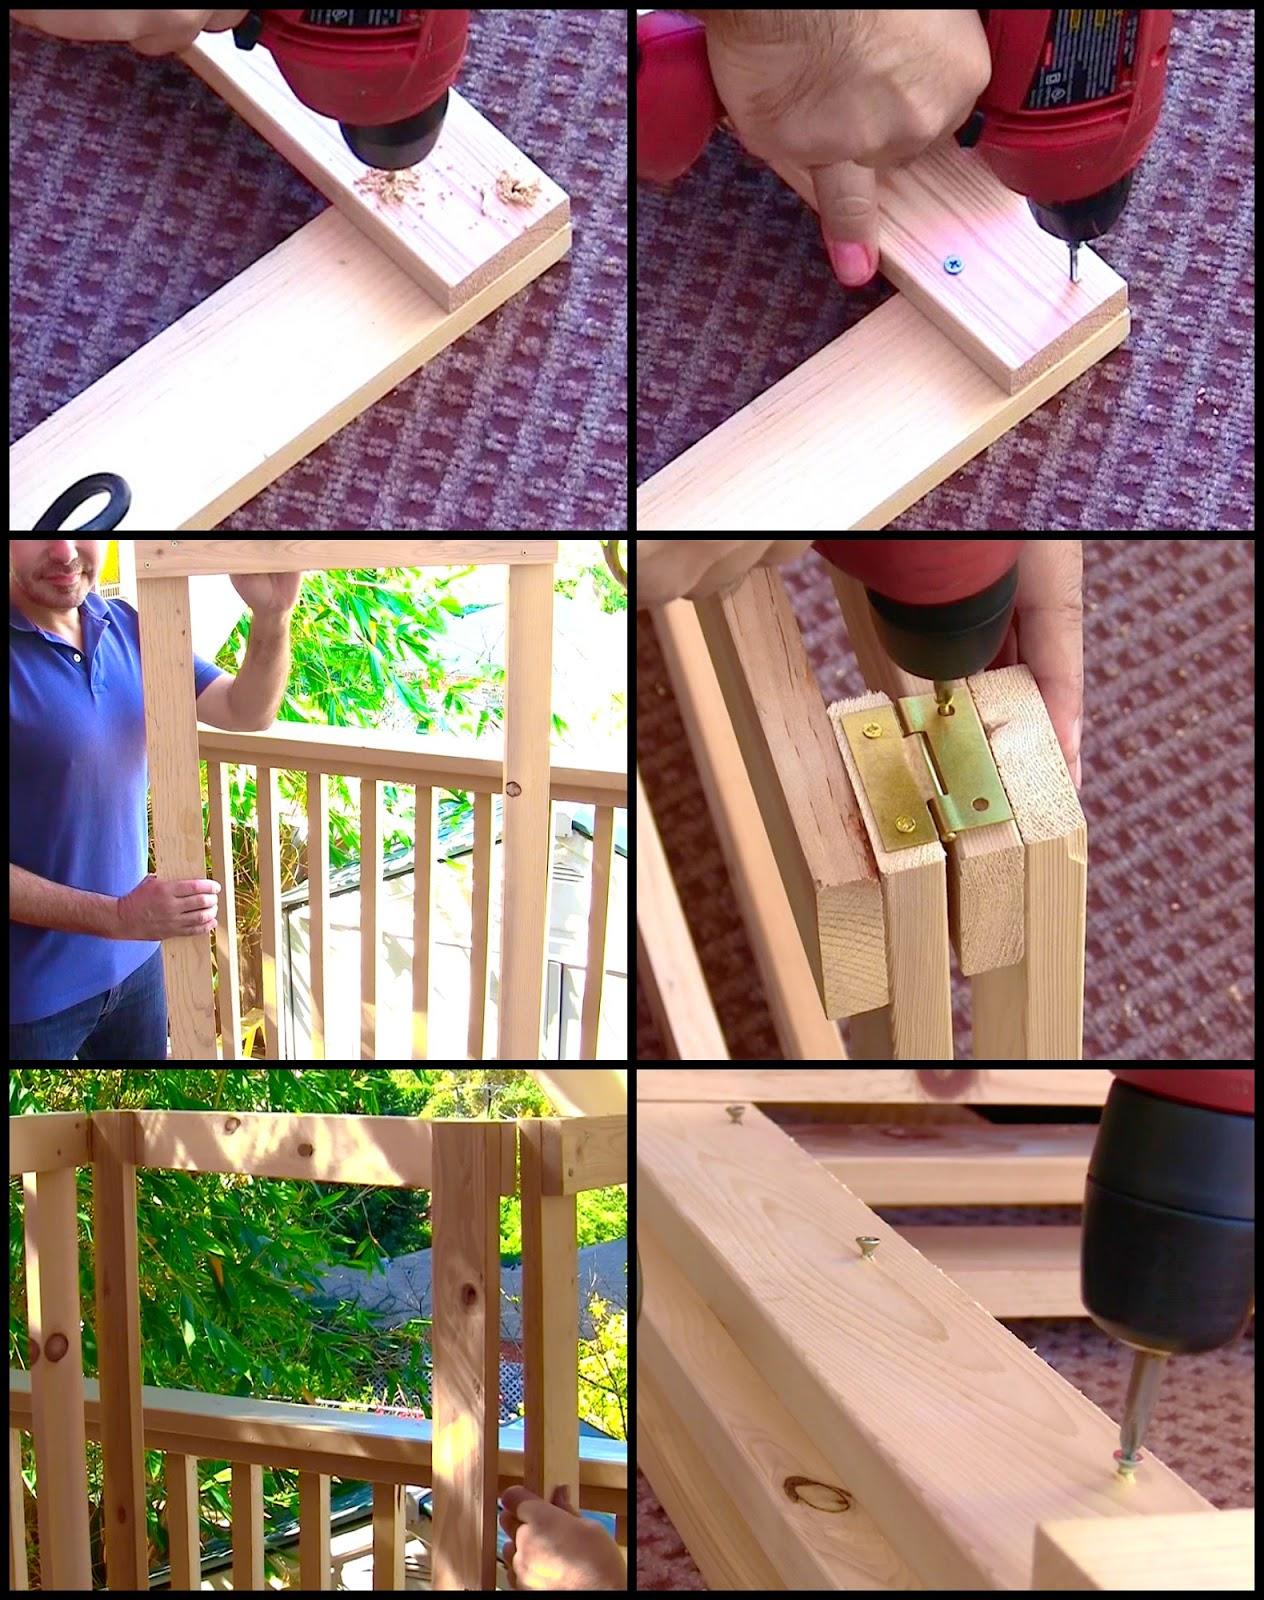 Сначала сколачиваем 3 одинаковых деревянных рамы из досок/брусьев, соединяя последние на углах (как угодно – встык или внахлест, здесь внахлест из-за ограниченной длины винтов) двумя винтами по 3,2 см